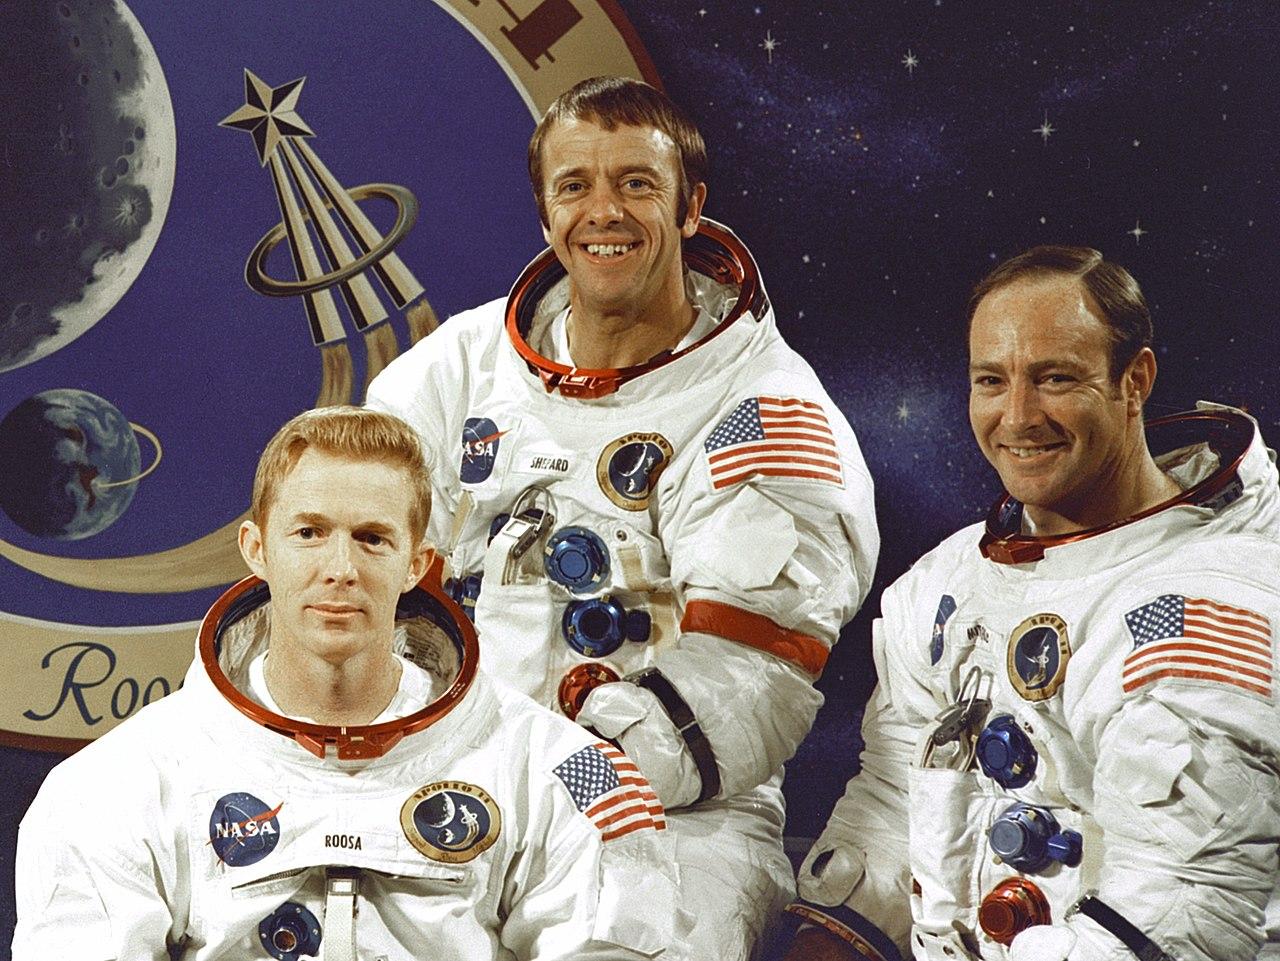 File:Apollo 14 crew.jpg - Wikimedia Commons